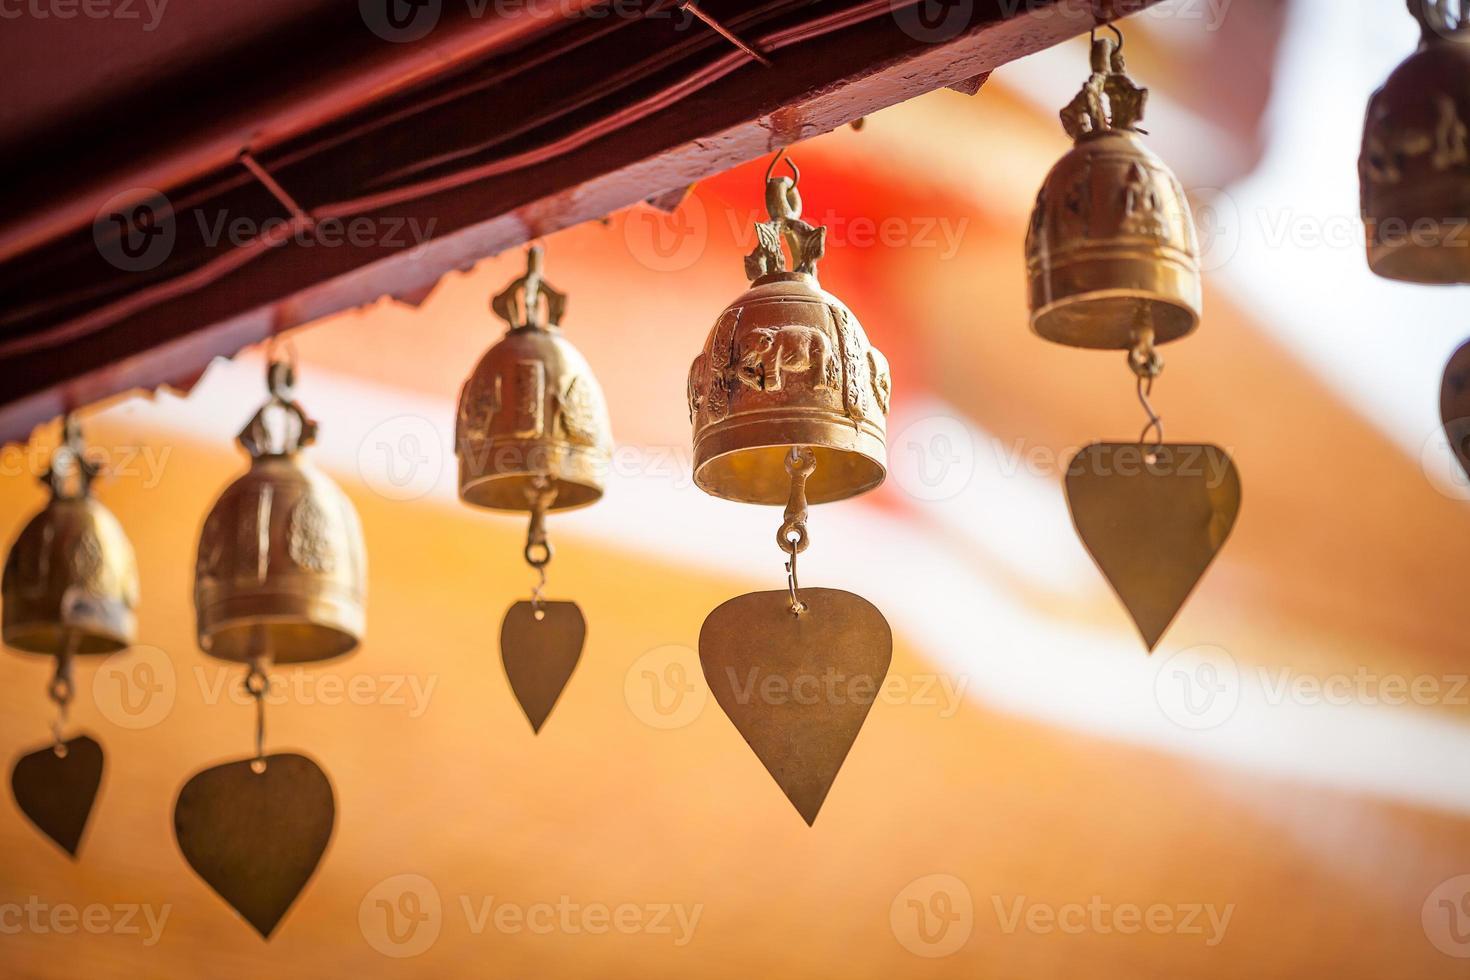 kleine bel die onder het tempeldak hangt foto